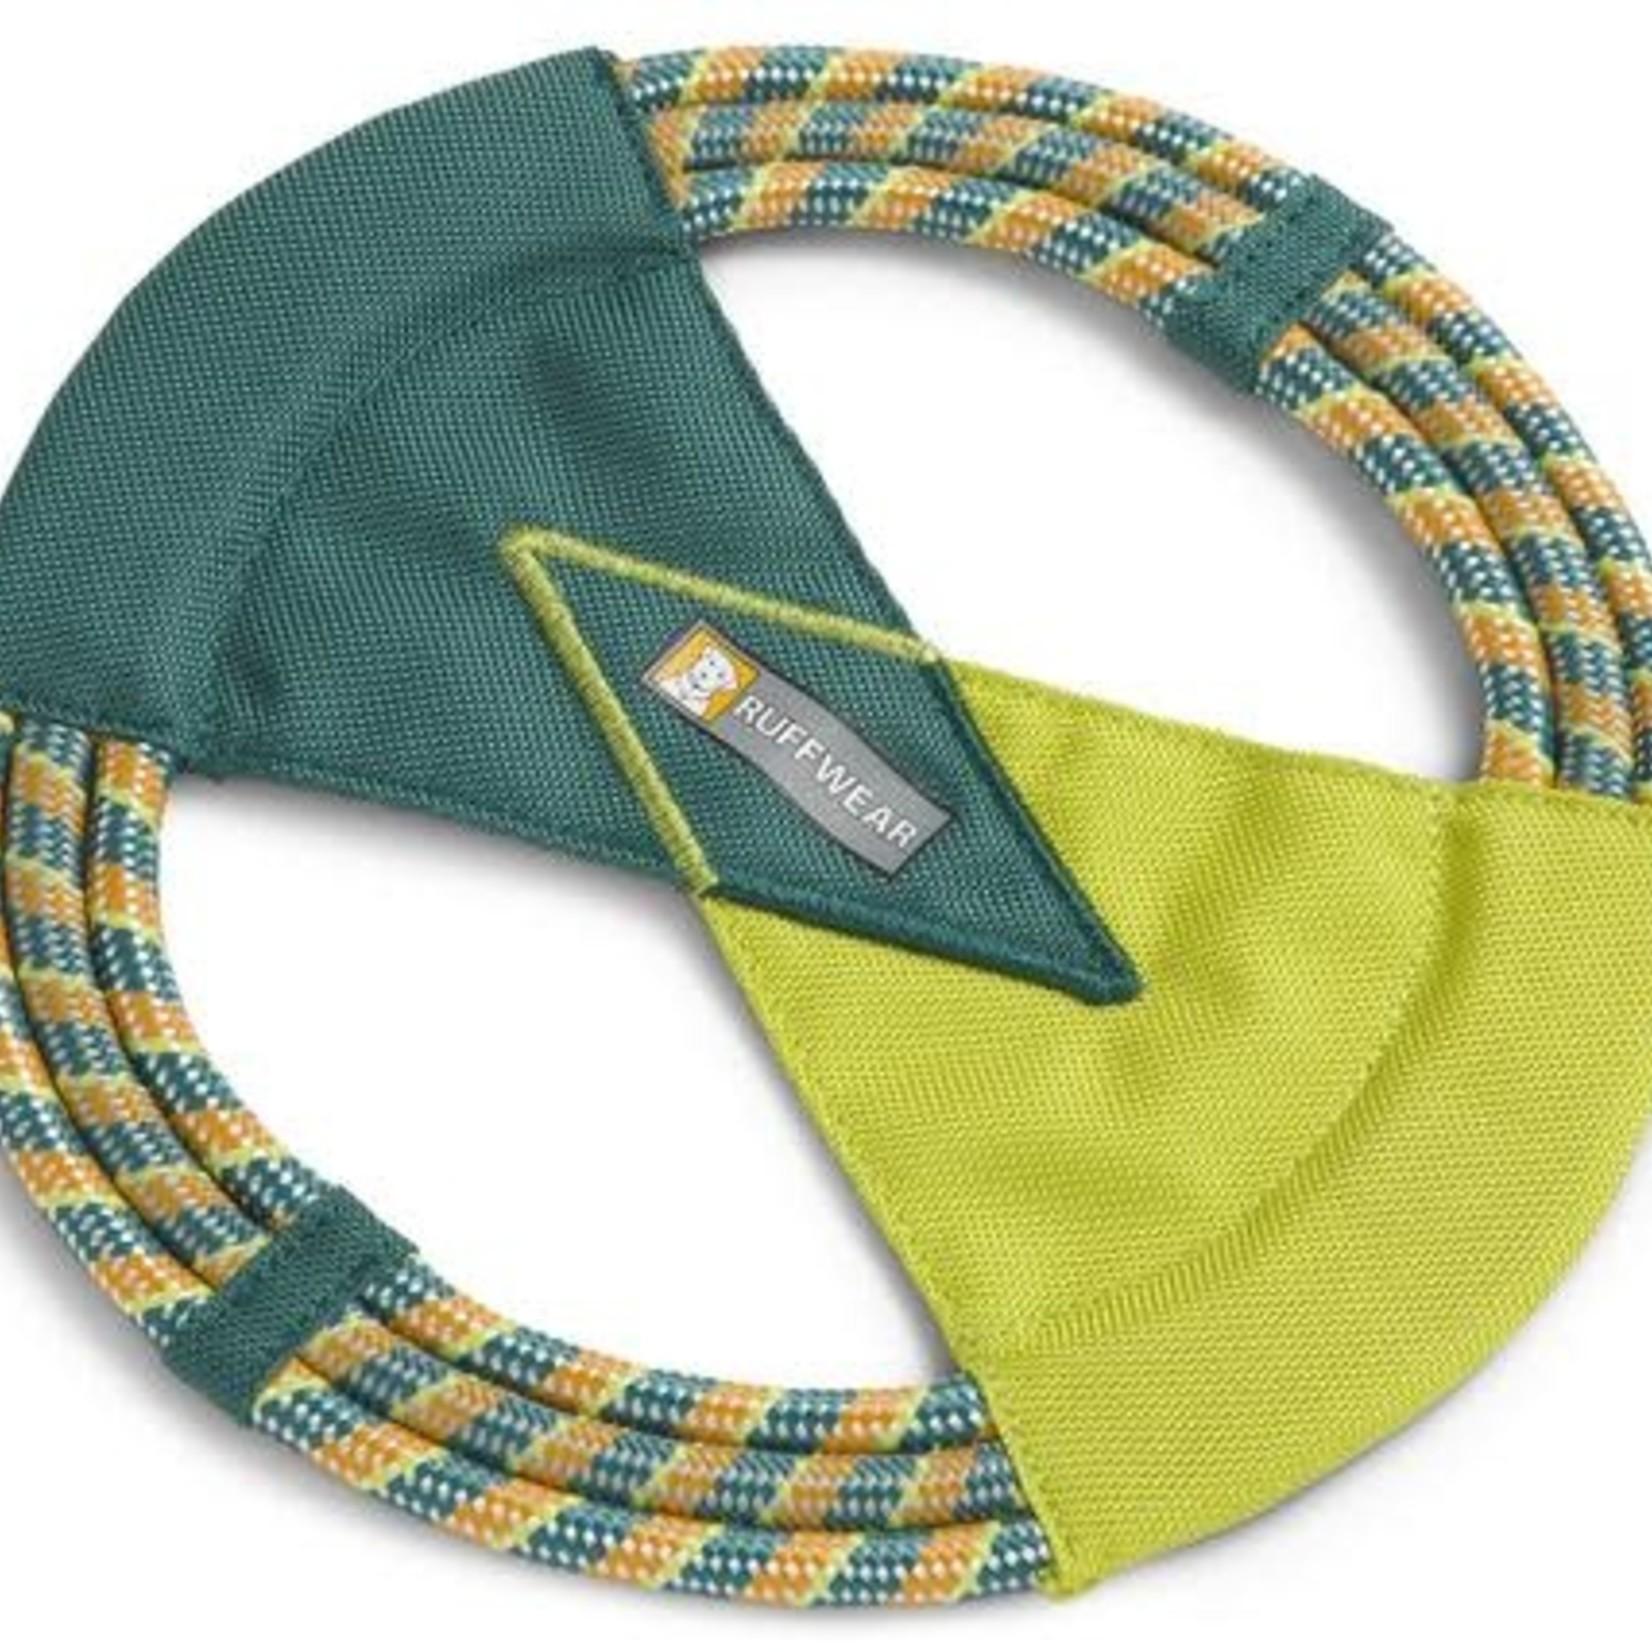 Ruff Wear Ruffwear Pacific Ring Rope Toy Tumalo Teal